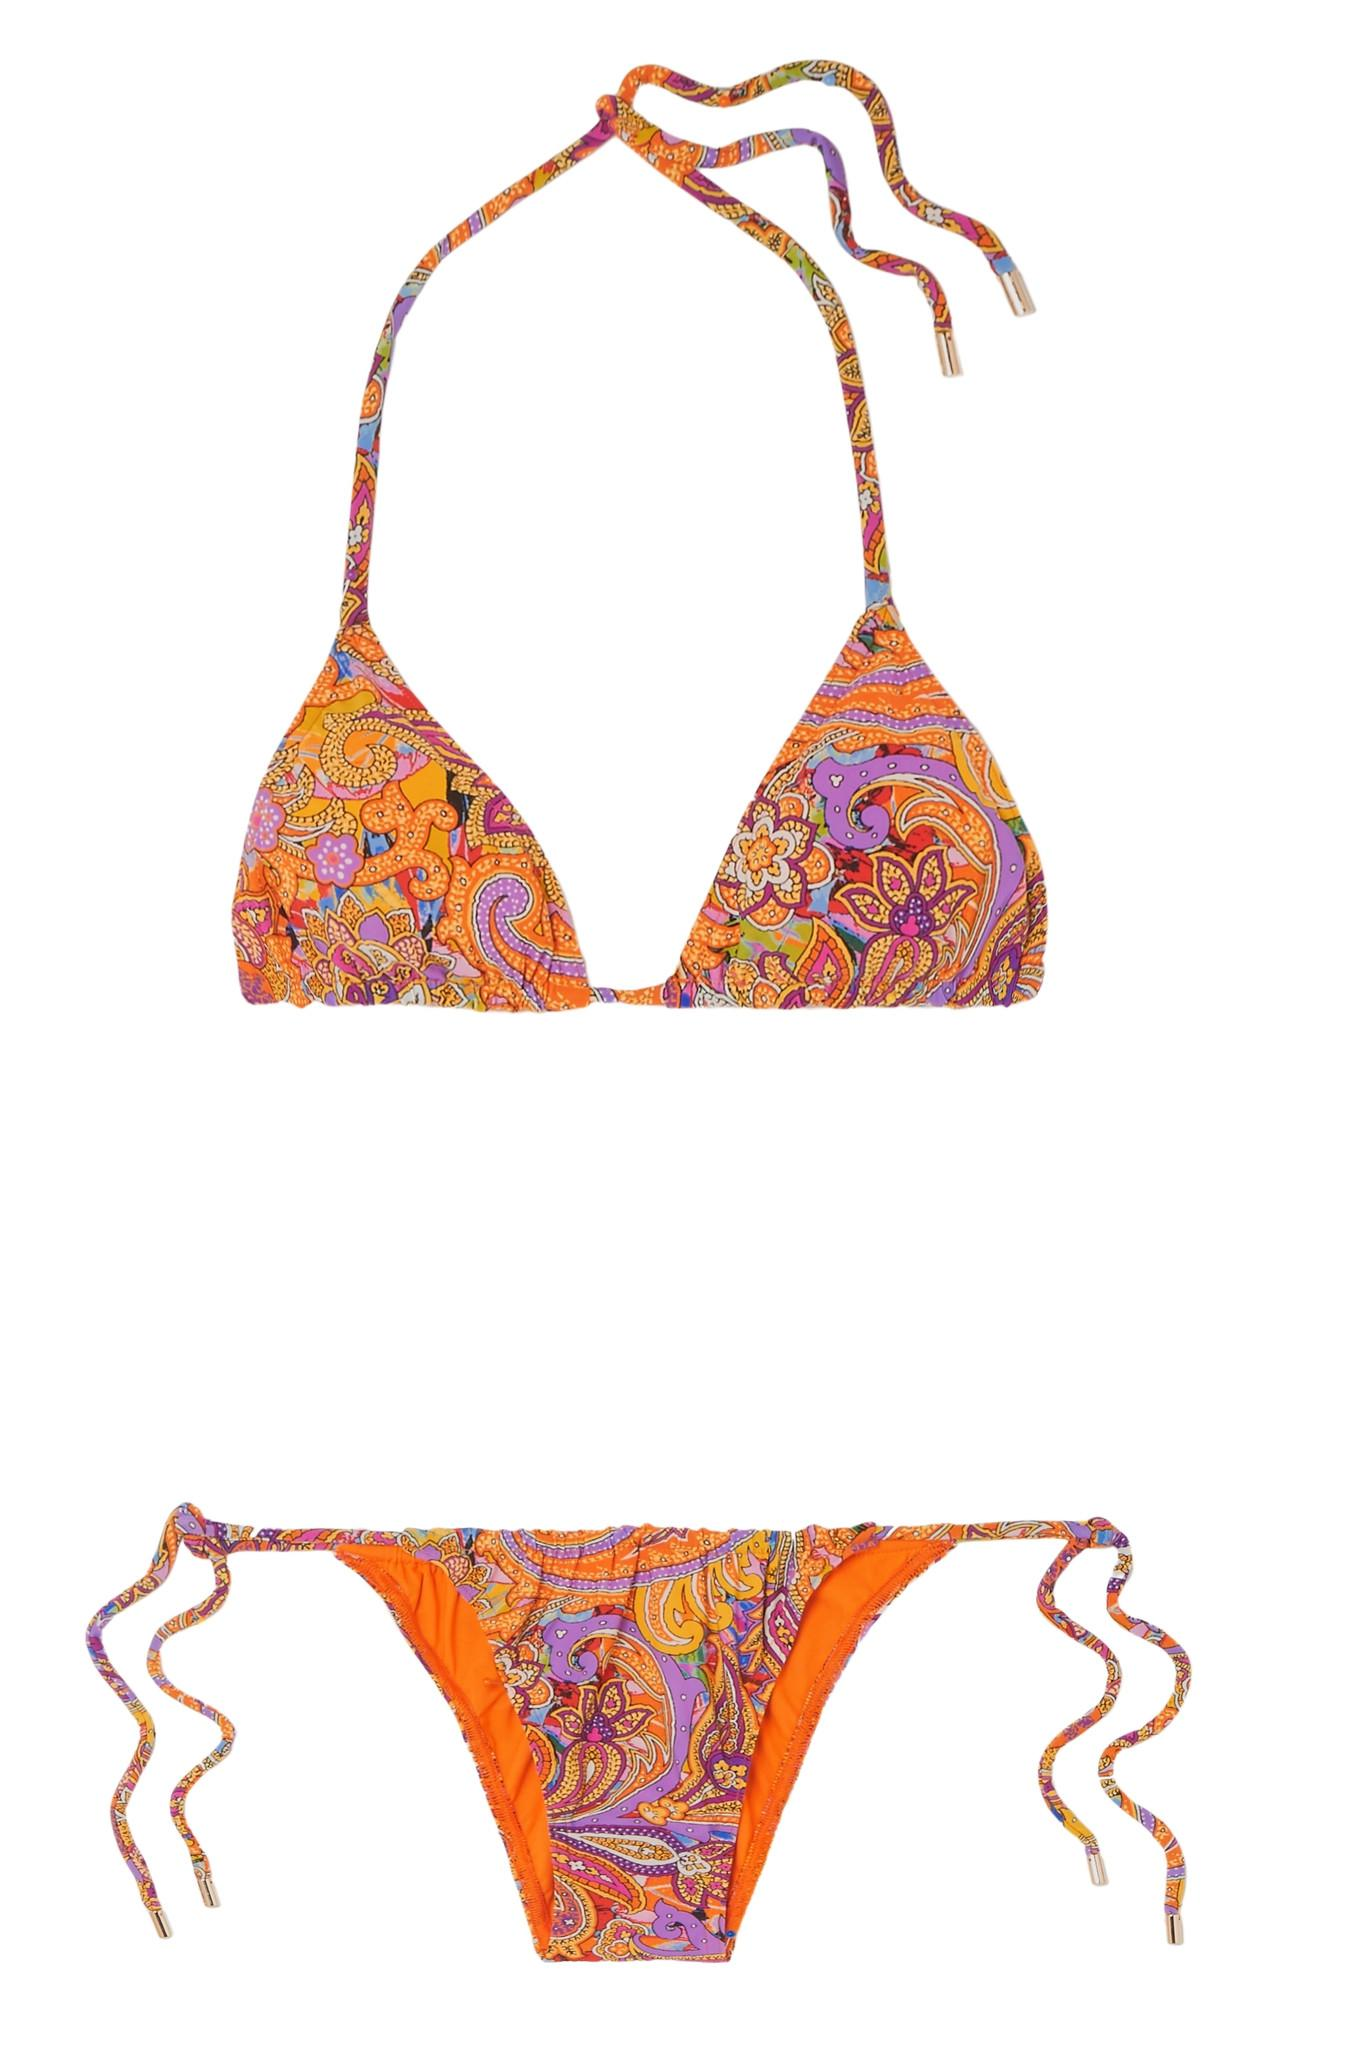 Etro Bikini triangle imprimé Bas Prix Sortie Des Images D'expédition Meilleur Fournisseur Combien En Ligne QZfo0z